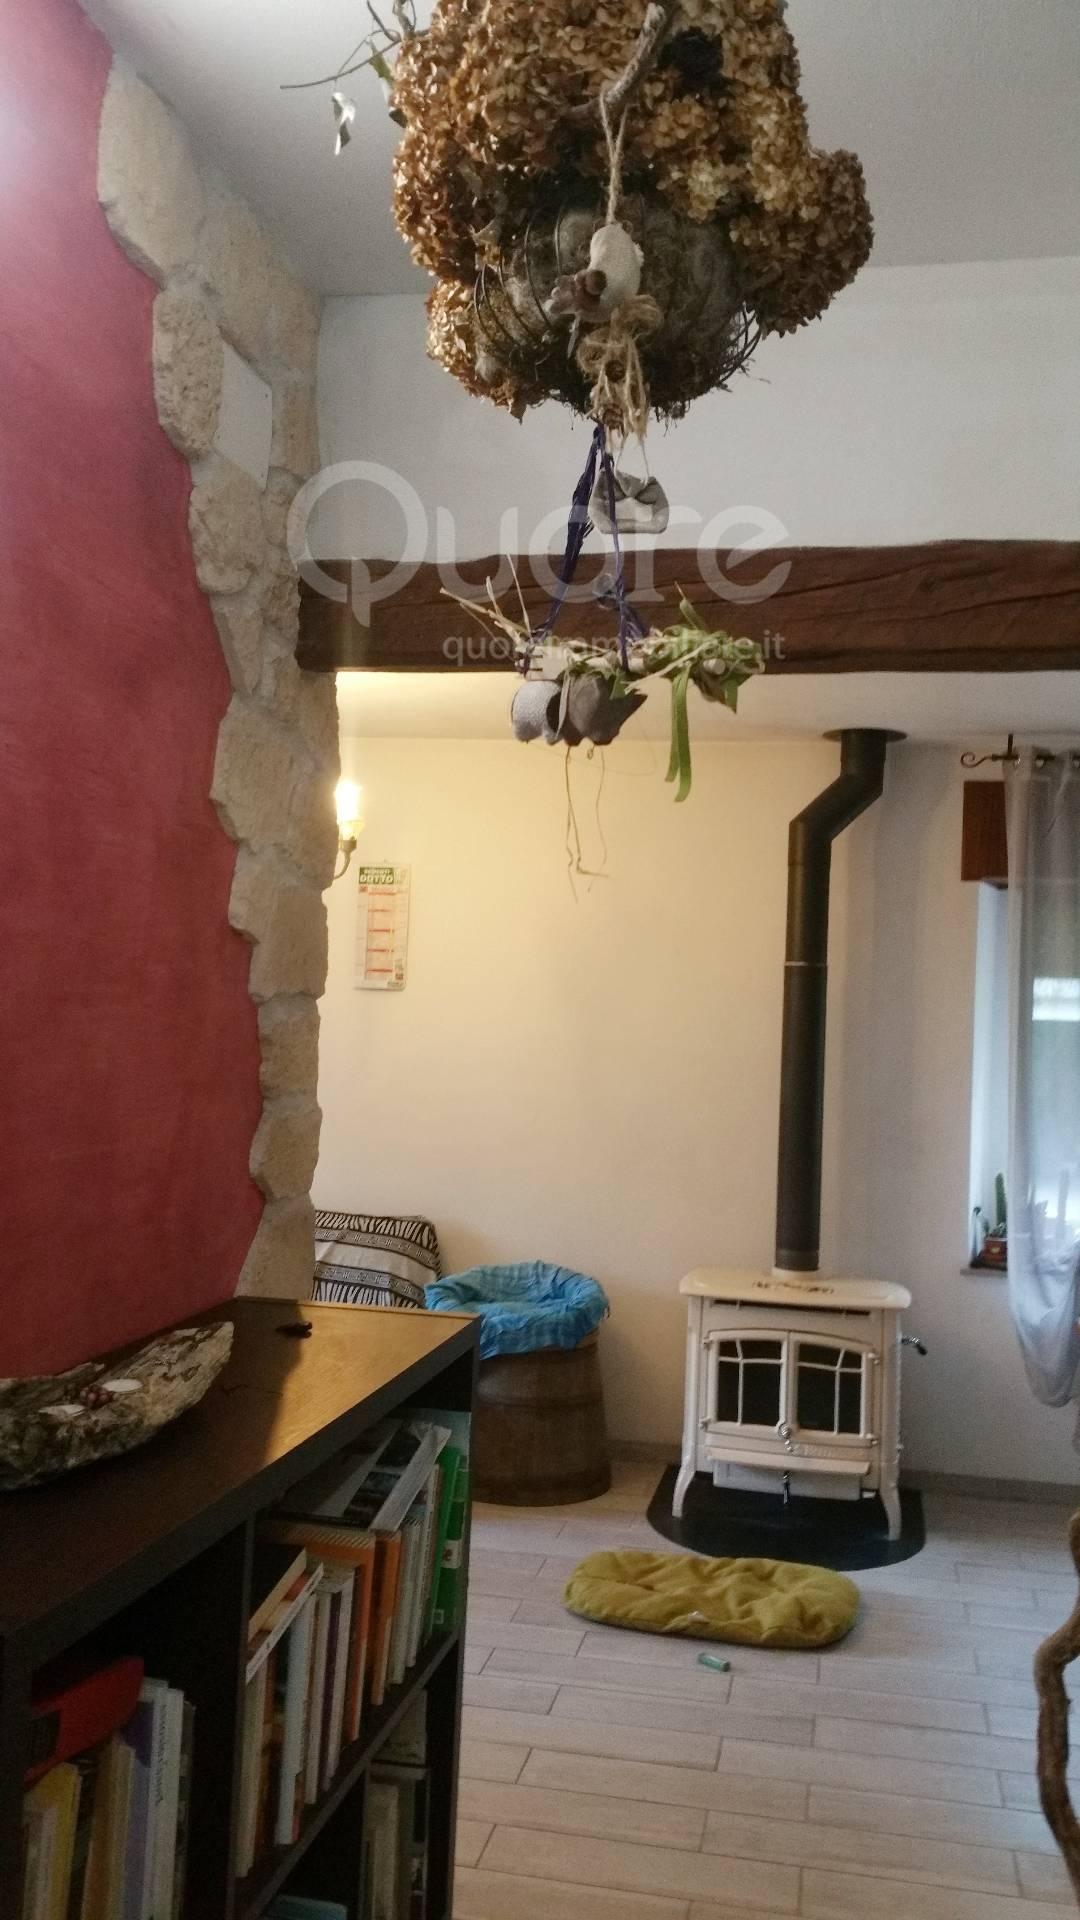 Soluzione Indipendente in vendita a Trasaghis, 4 locali, zona Zona: Oncedis, prezzo € 87.000 | CambioCasa.it